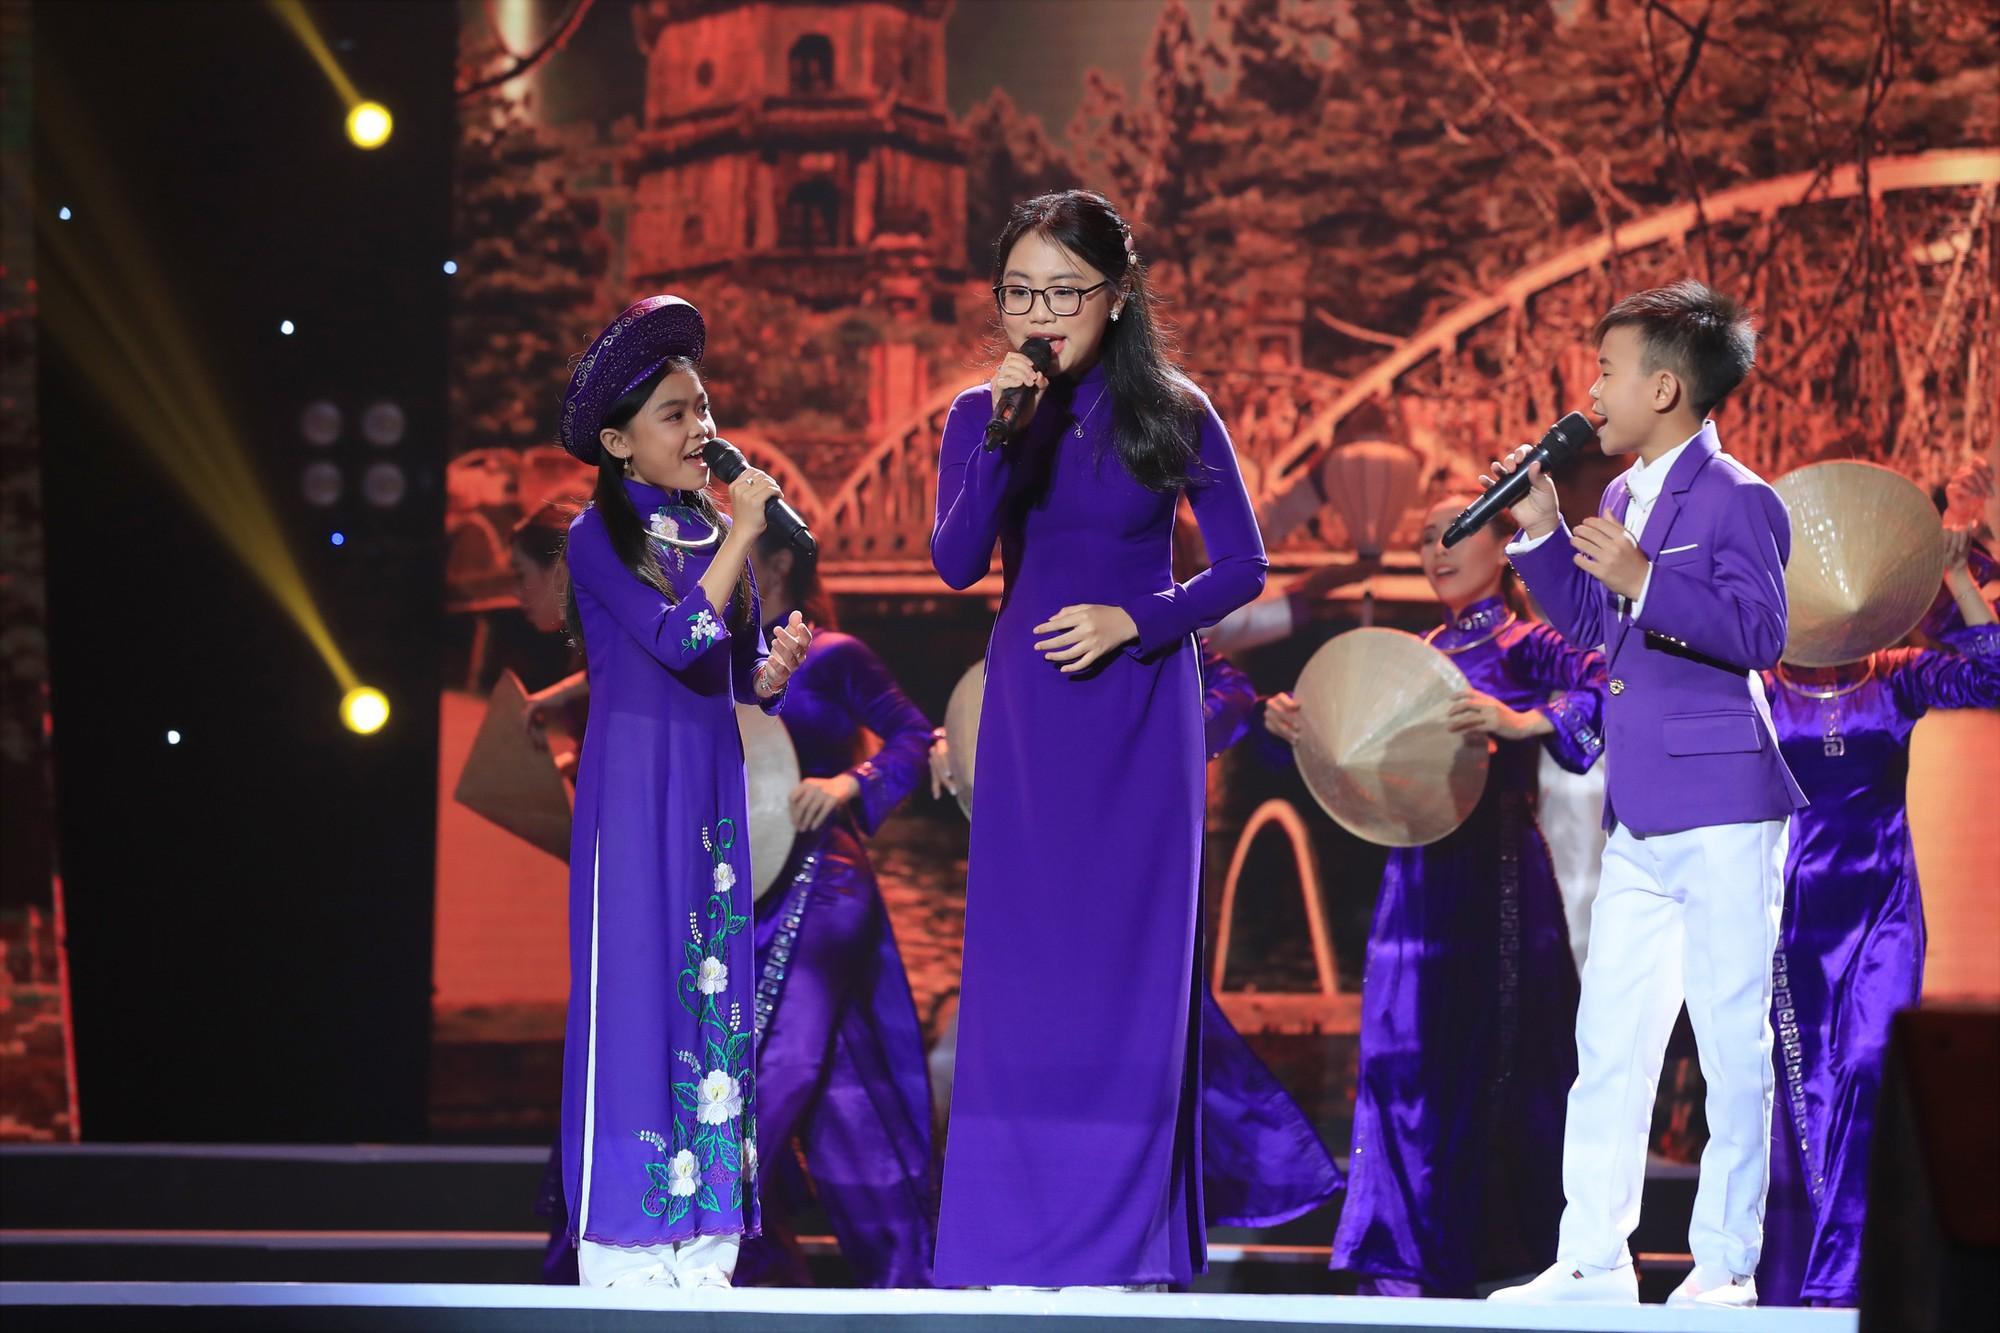 Tuyệt đỉnh song ca nhí 2019 kết thúc với chiến thắng của đội Hồ Việt Trung - Diệu Nhi - Ảnh 8.